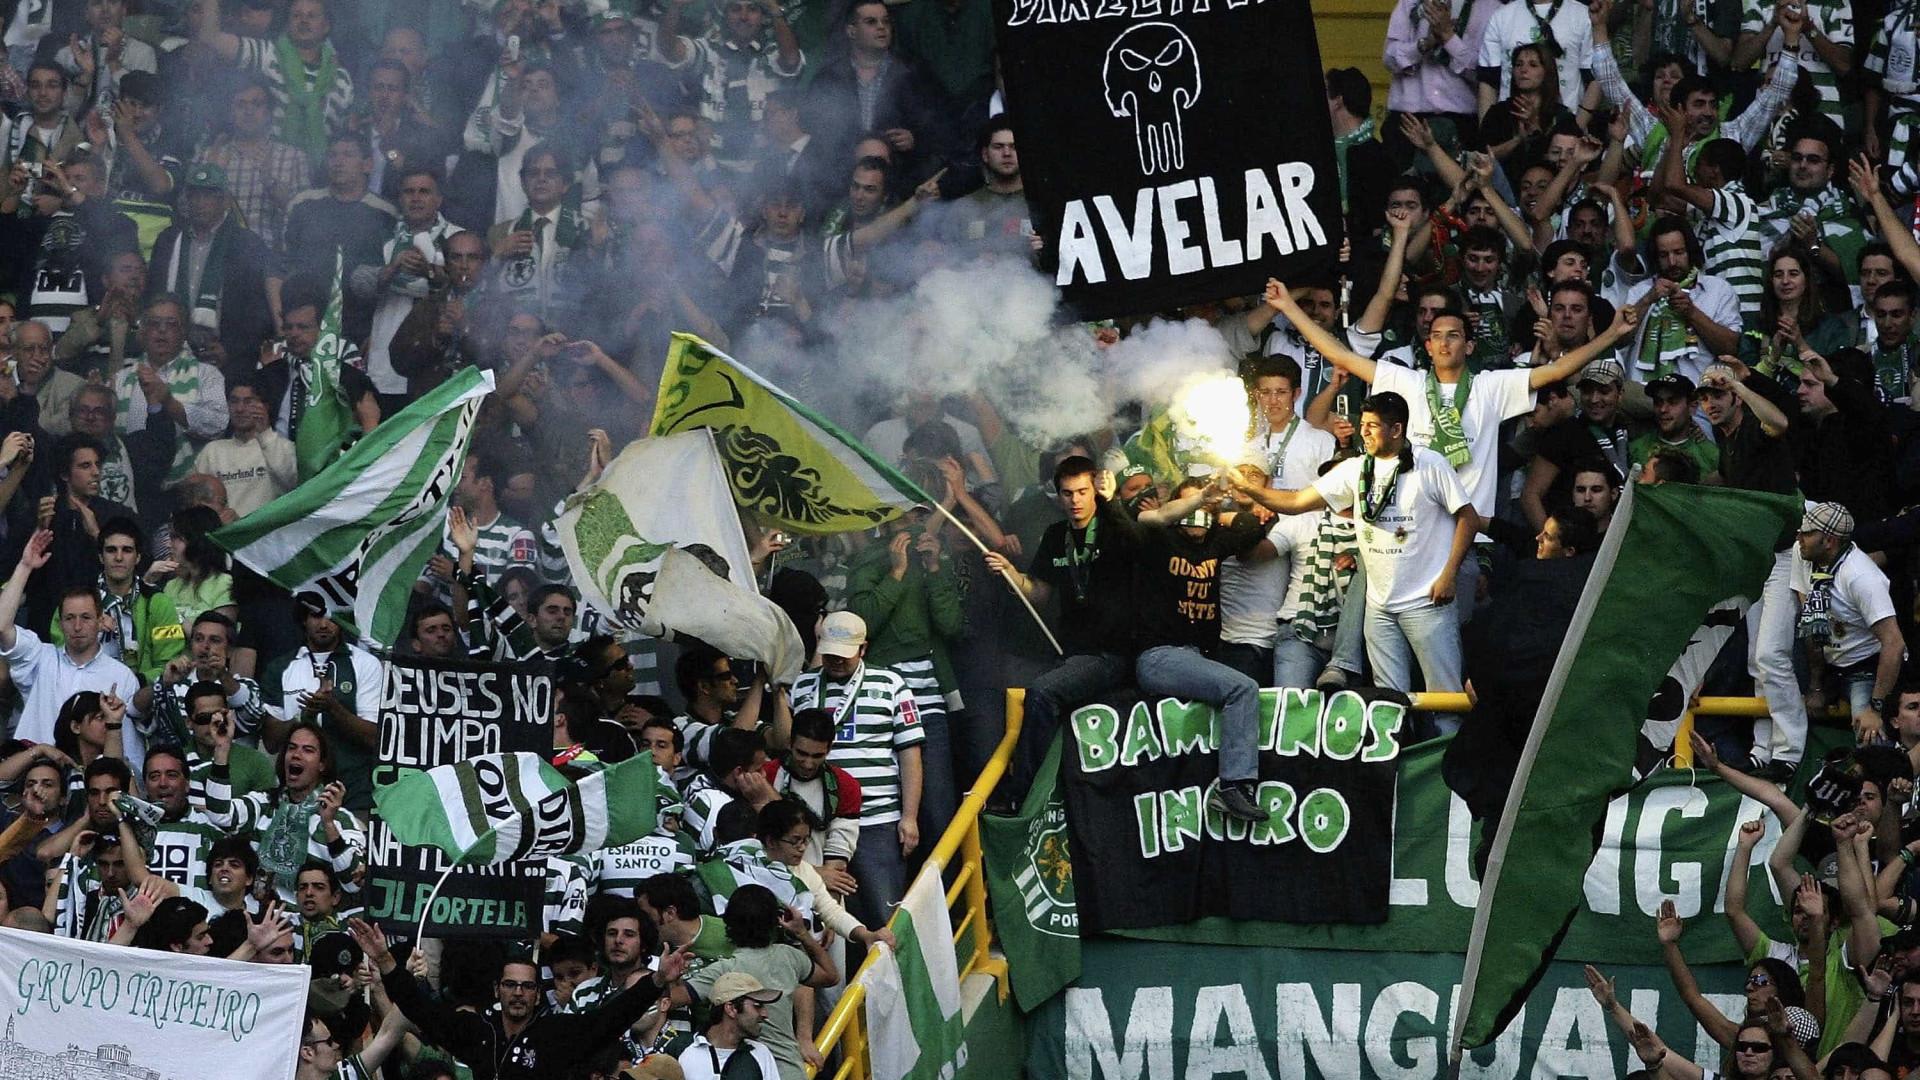 Bruno de Carvalho deixa desafio ao FC Porto devido a cânticos ofensivos